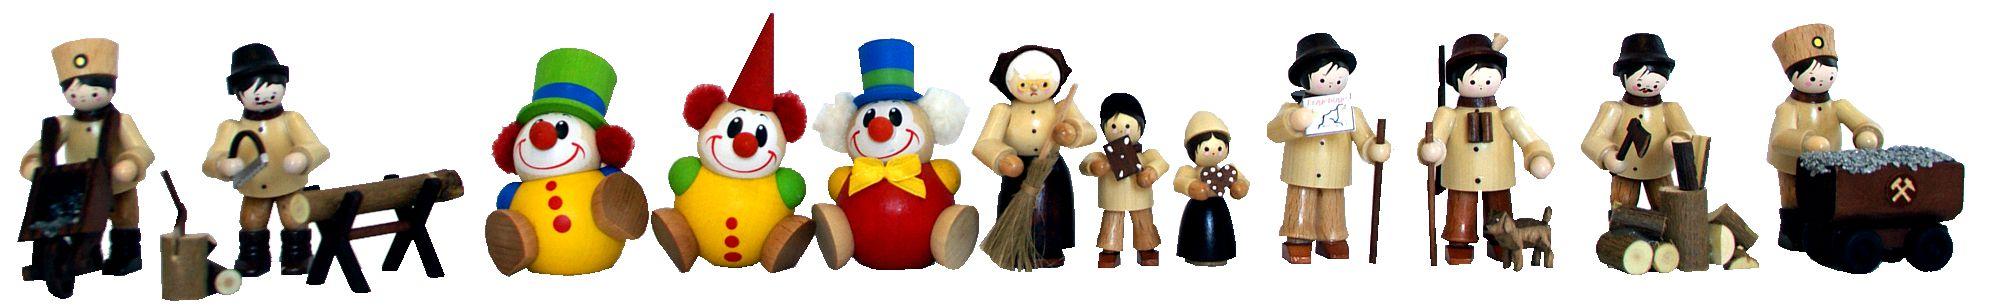 Ganzjahres-Holzfiguren aus dem Erzgebirge